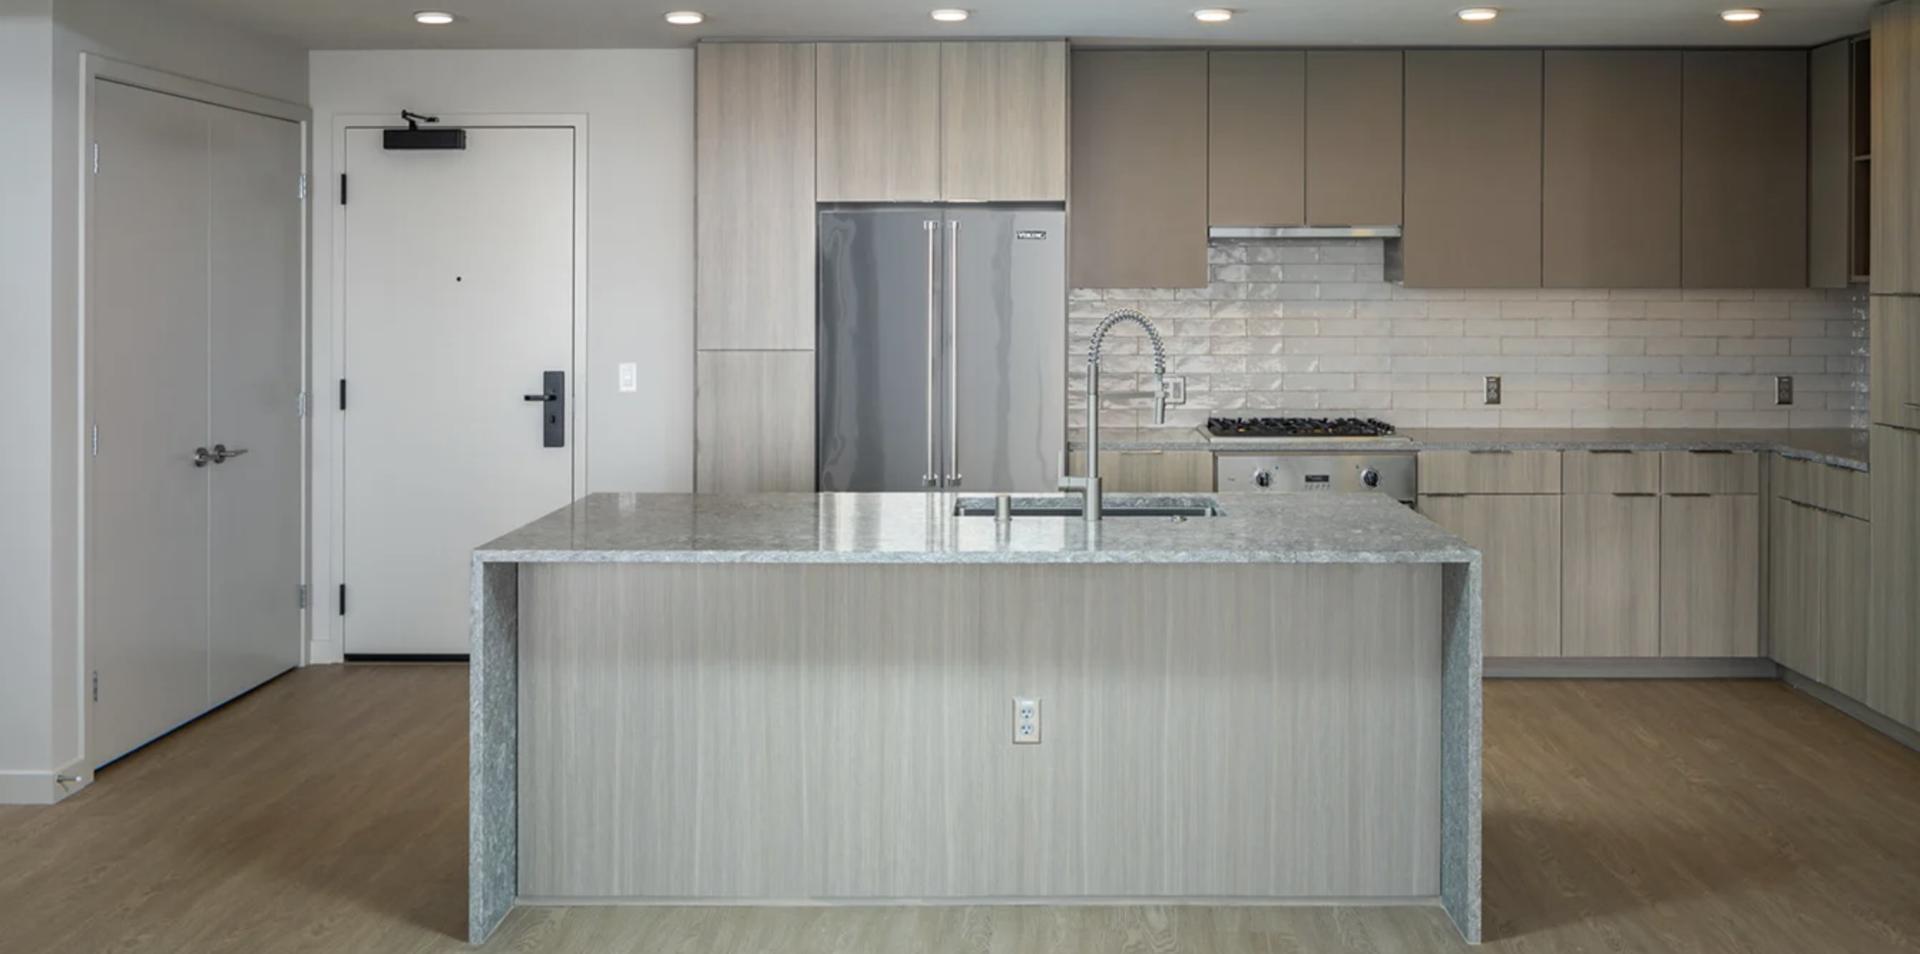 601 11th Avenue #2103, San Diego, CA - $4,795 USD/ month